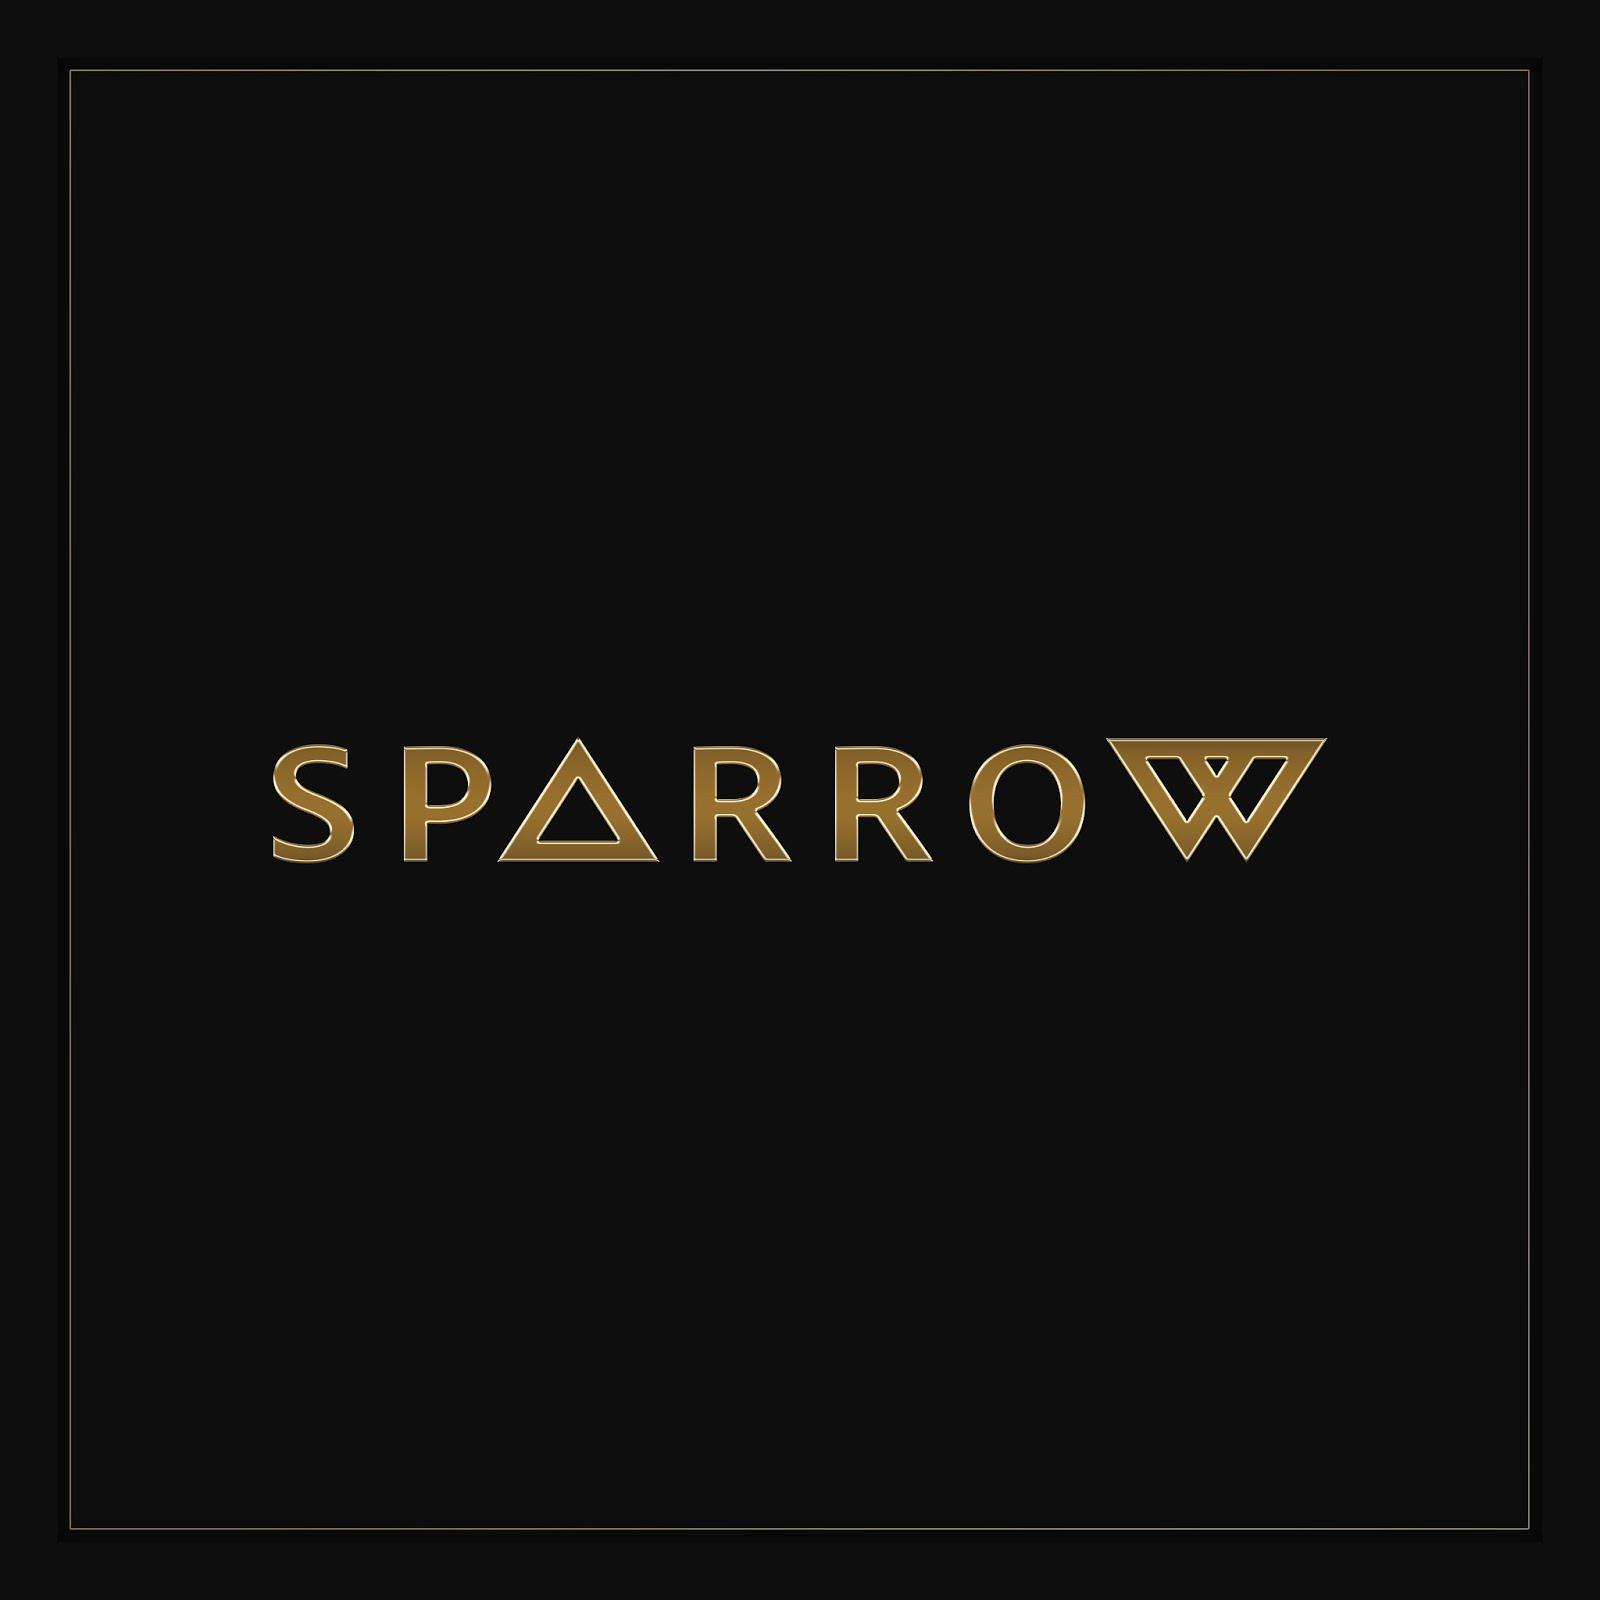 - SPARROW -